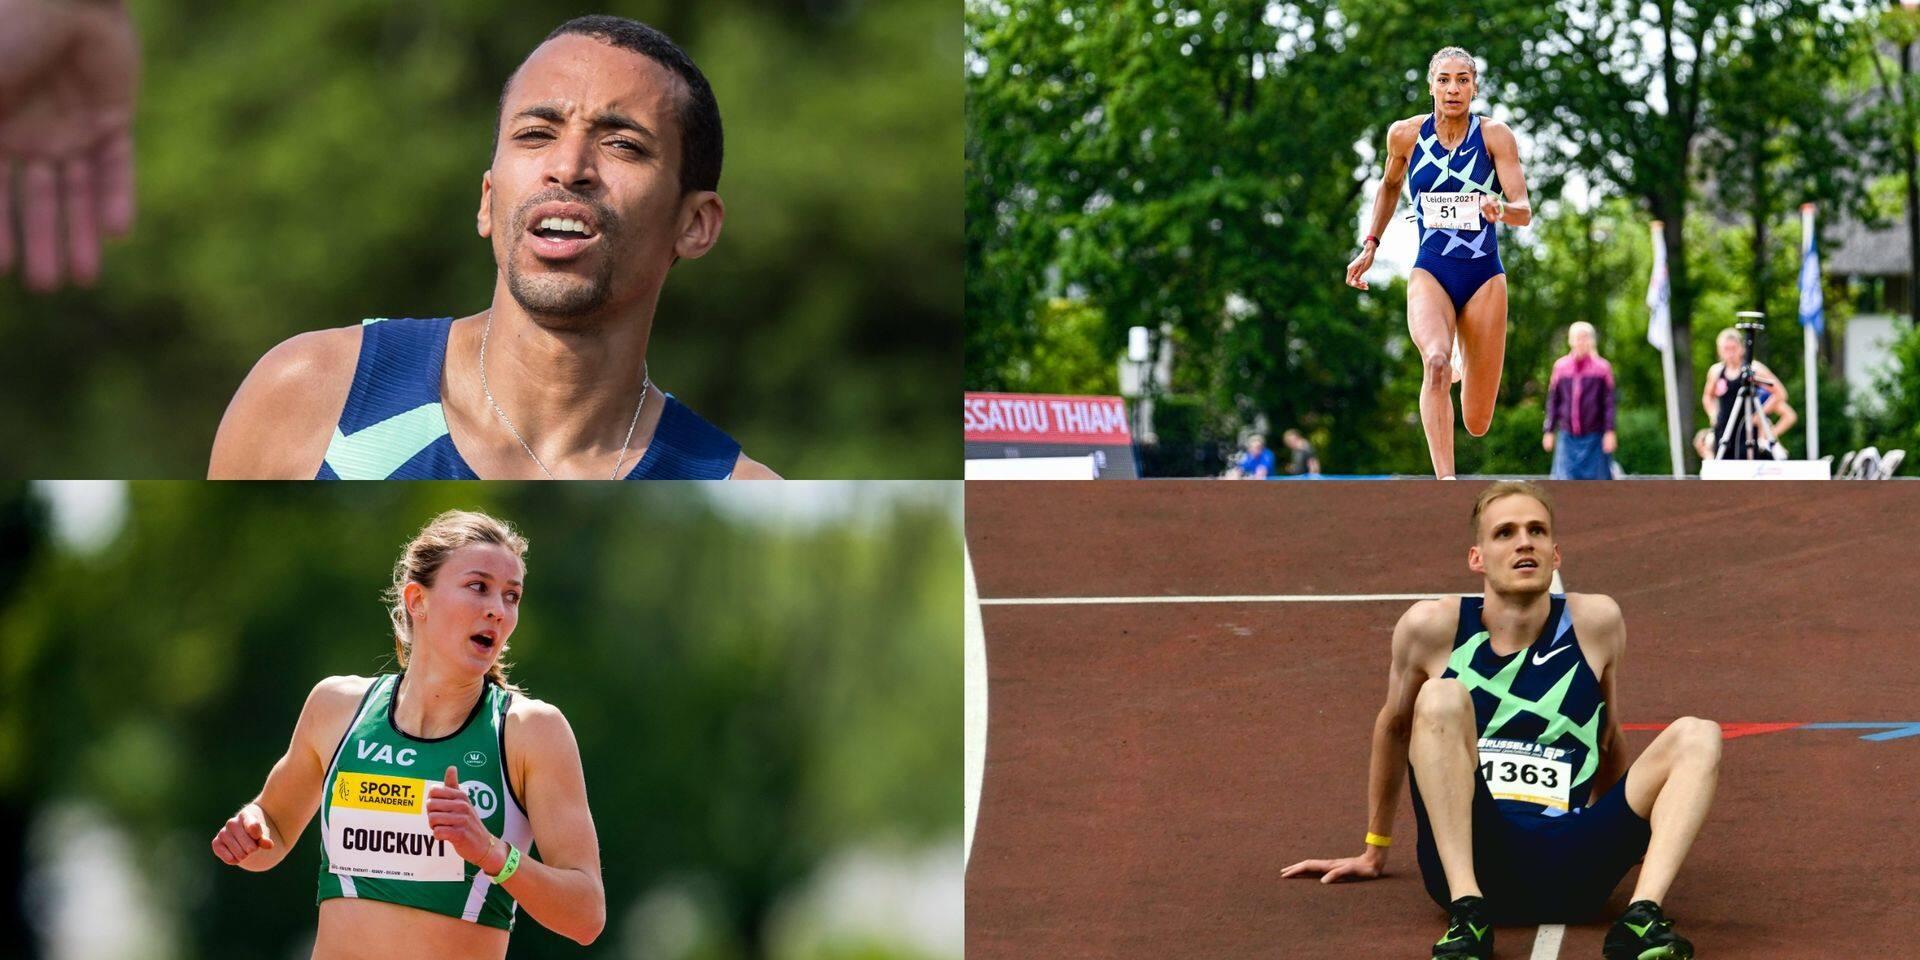 Debjani, Thiam, Couckuyt, Crestan: ces Belges en forme olympique !